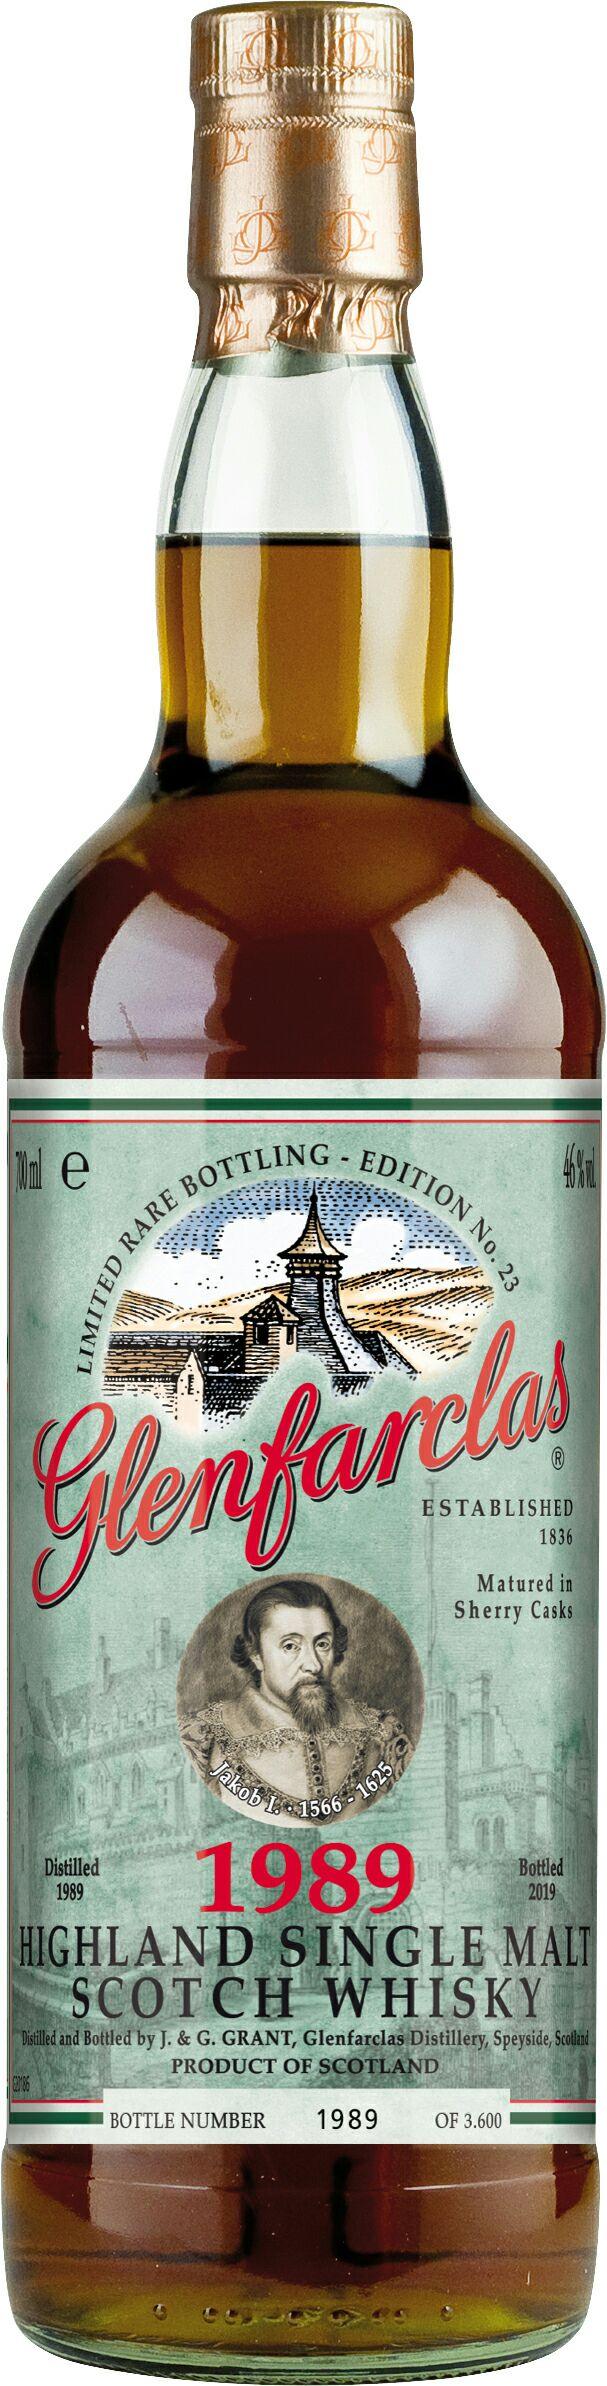 Bestpreis - Glenfarclas Ed. No. 23 1989/2019 46% 29 Jahre (Whisky Whiskey) (Cola ;-))